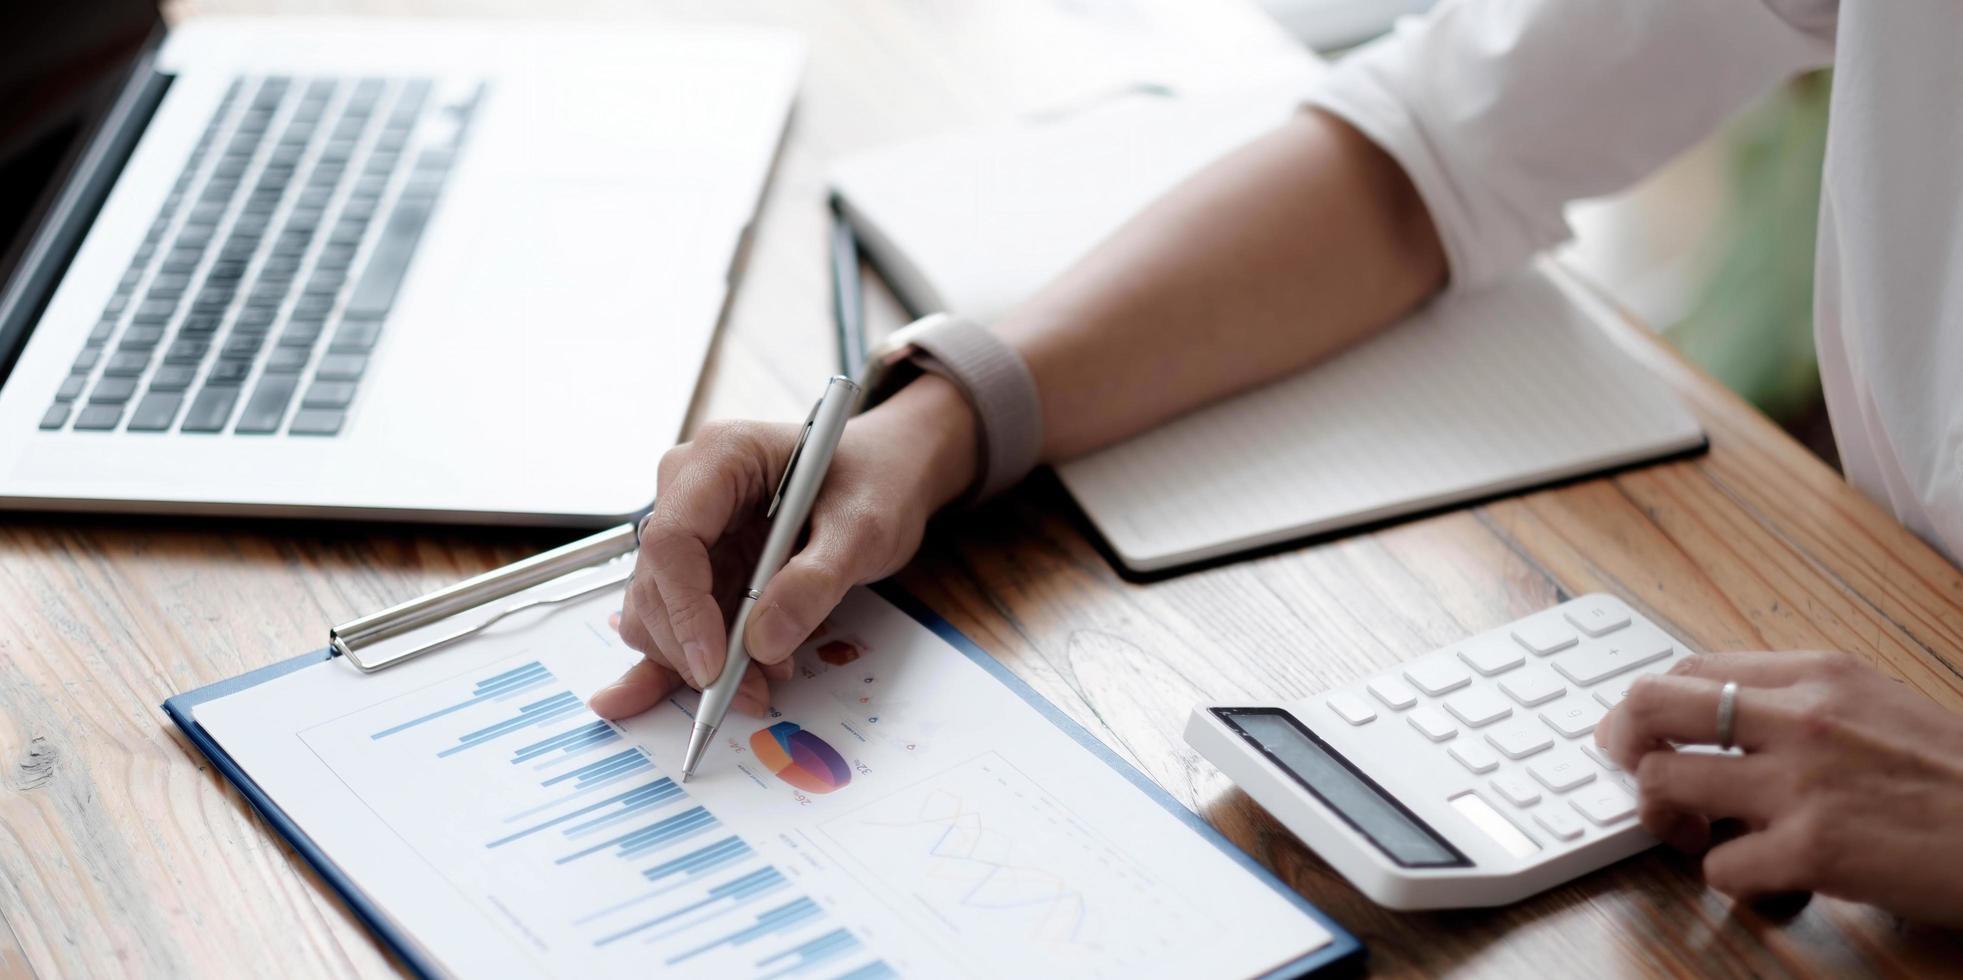 närbild en affärskvinna arbetar på en finansiell diagramrapport, beräknar företagskostnader och vinster och sitter vid sitt skrivbord. foto